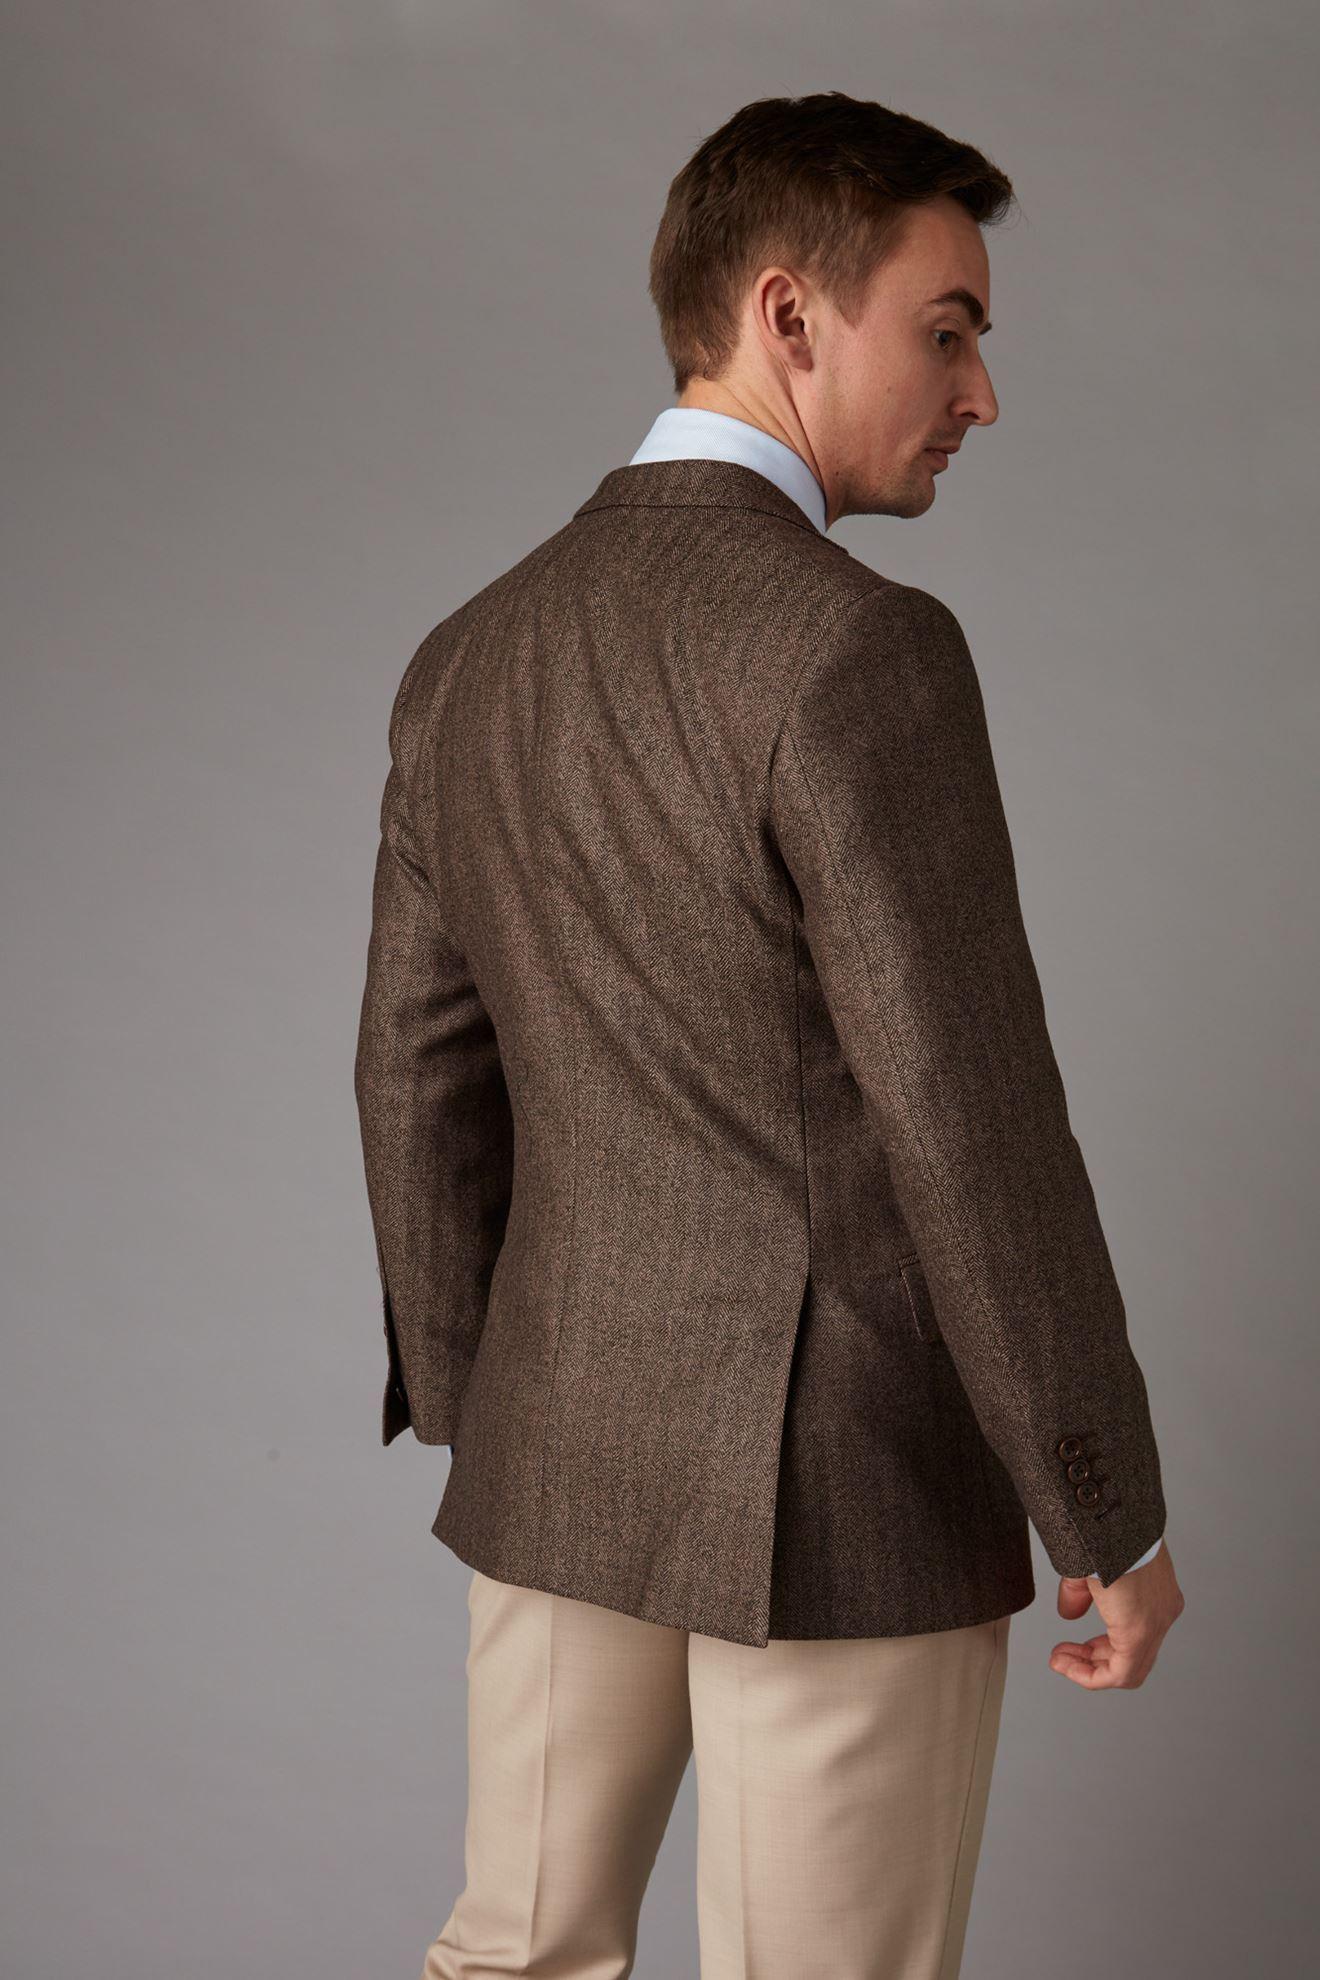 Brown tweed jacket back